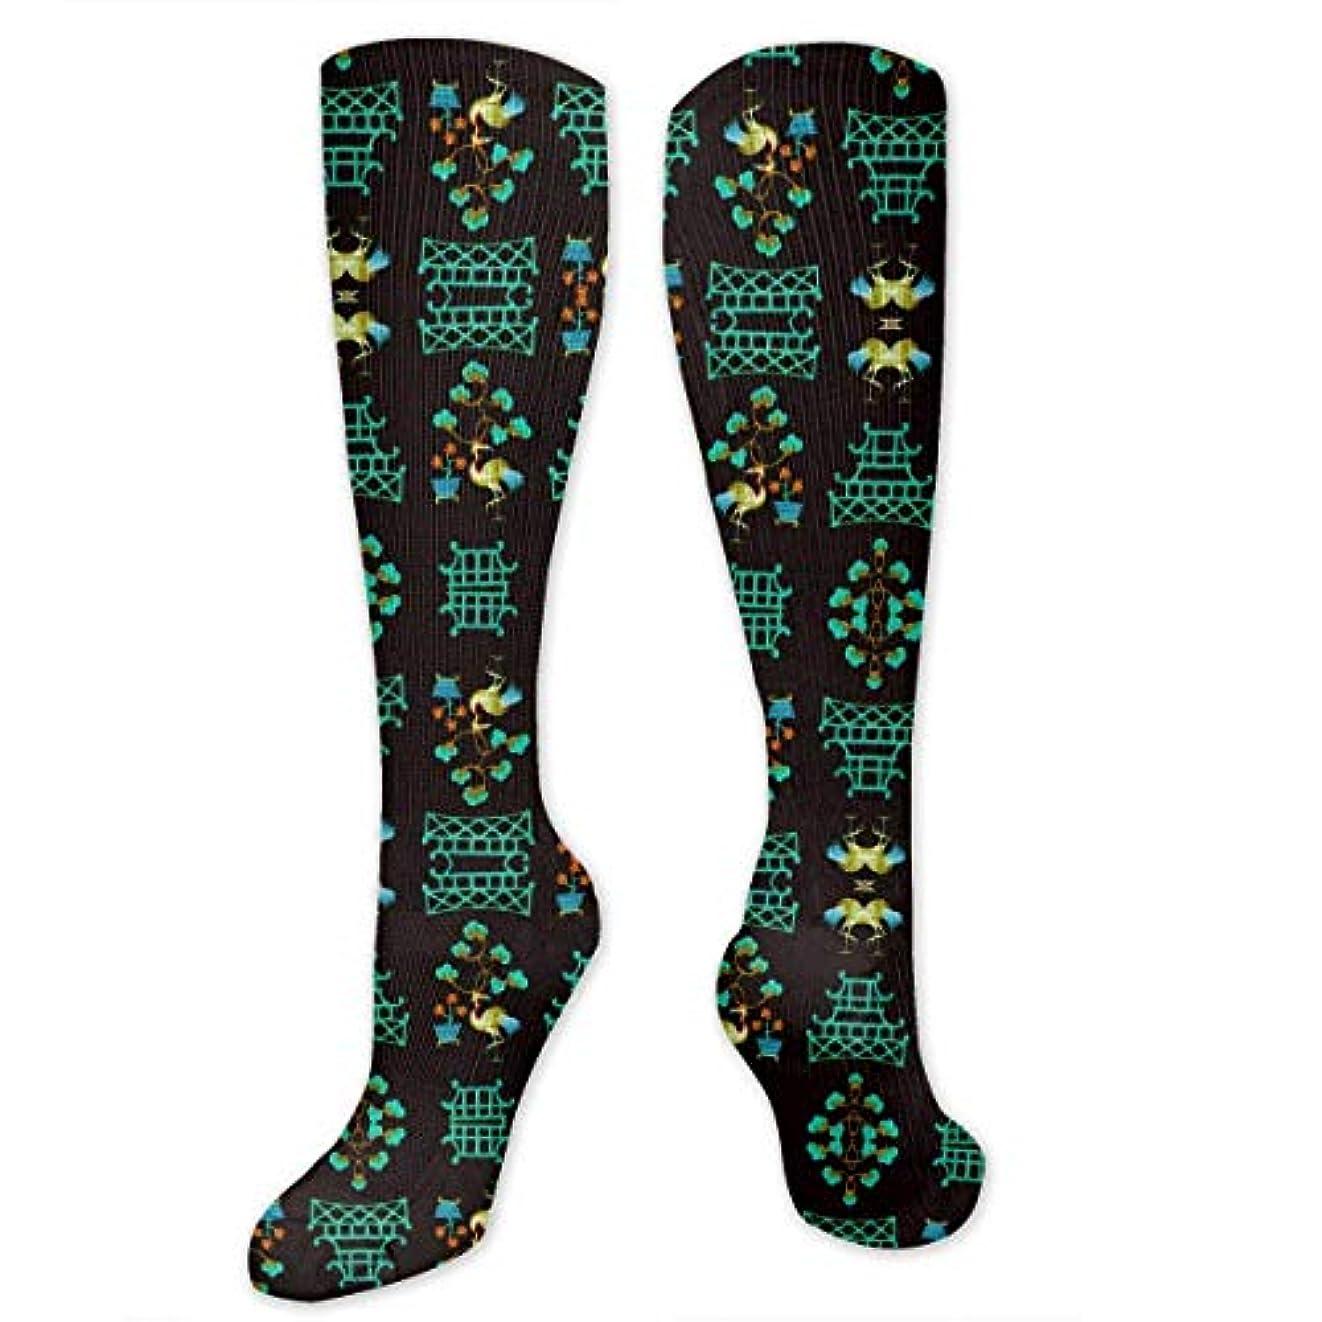 試みる実際のレンジ靴下,ストッキング,野生のジョーカー,実際,秋の本質,冬必須,サマーウェア&RBXAA Asian Pagoda Garden Repeat Socks Women's Winter Cotton Long Tube Socks...